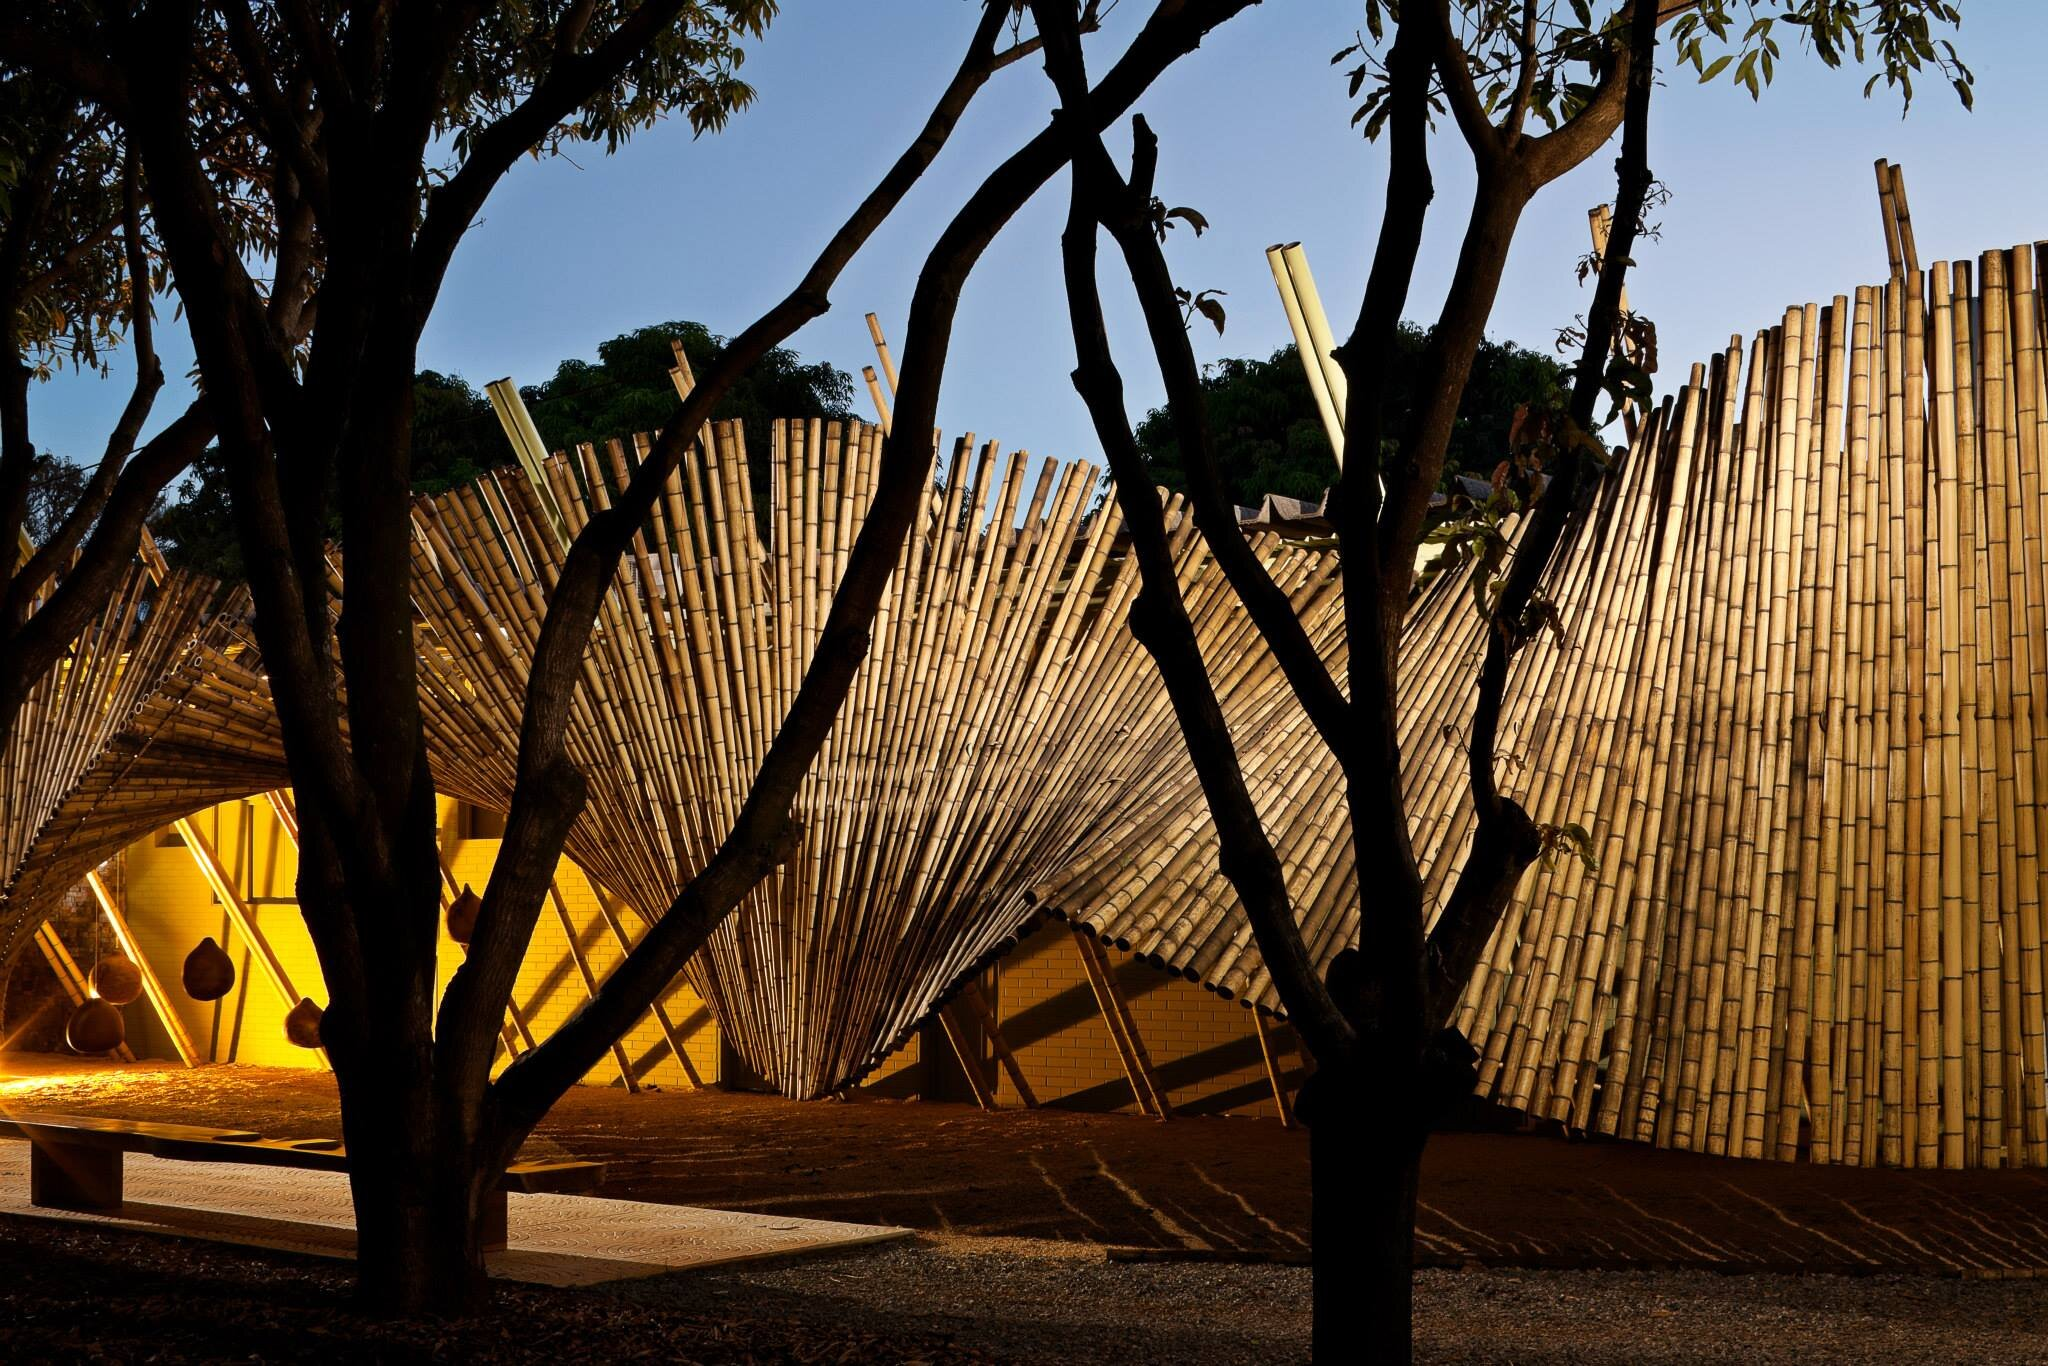 instalação de bambu casacor brasília 2011 sustentabilidade